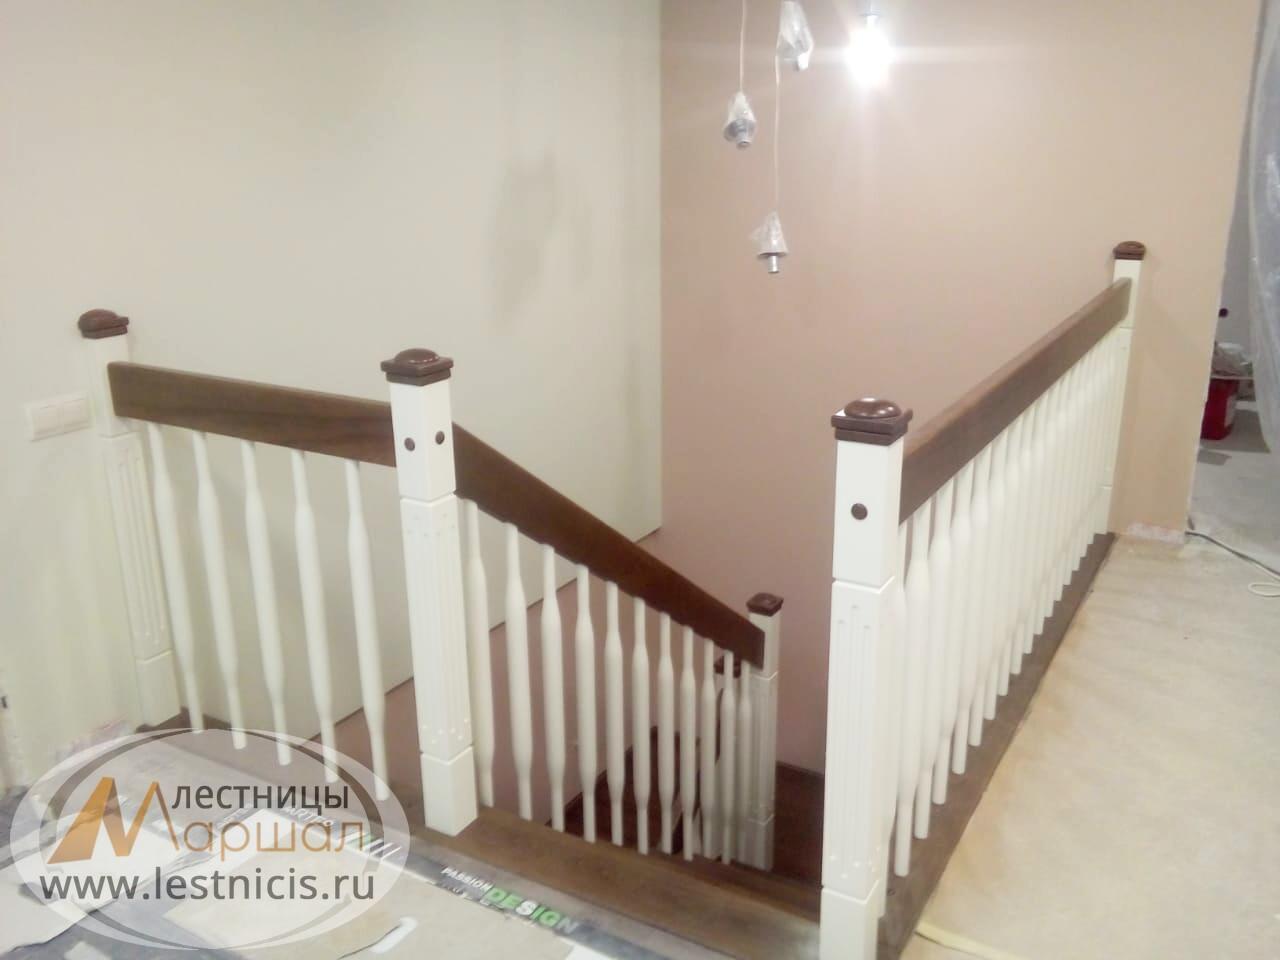 Лестницы деревянные Крым Севастополь Симферополь